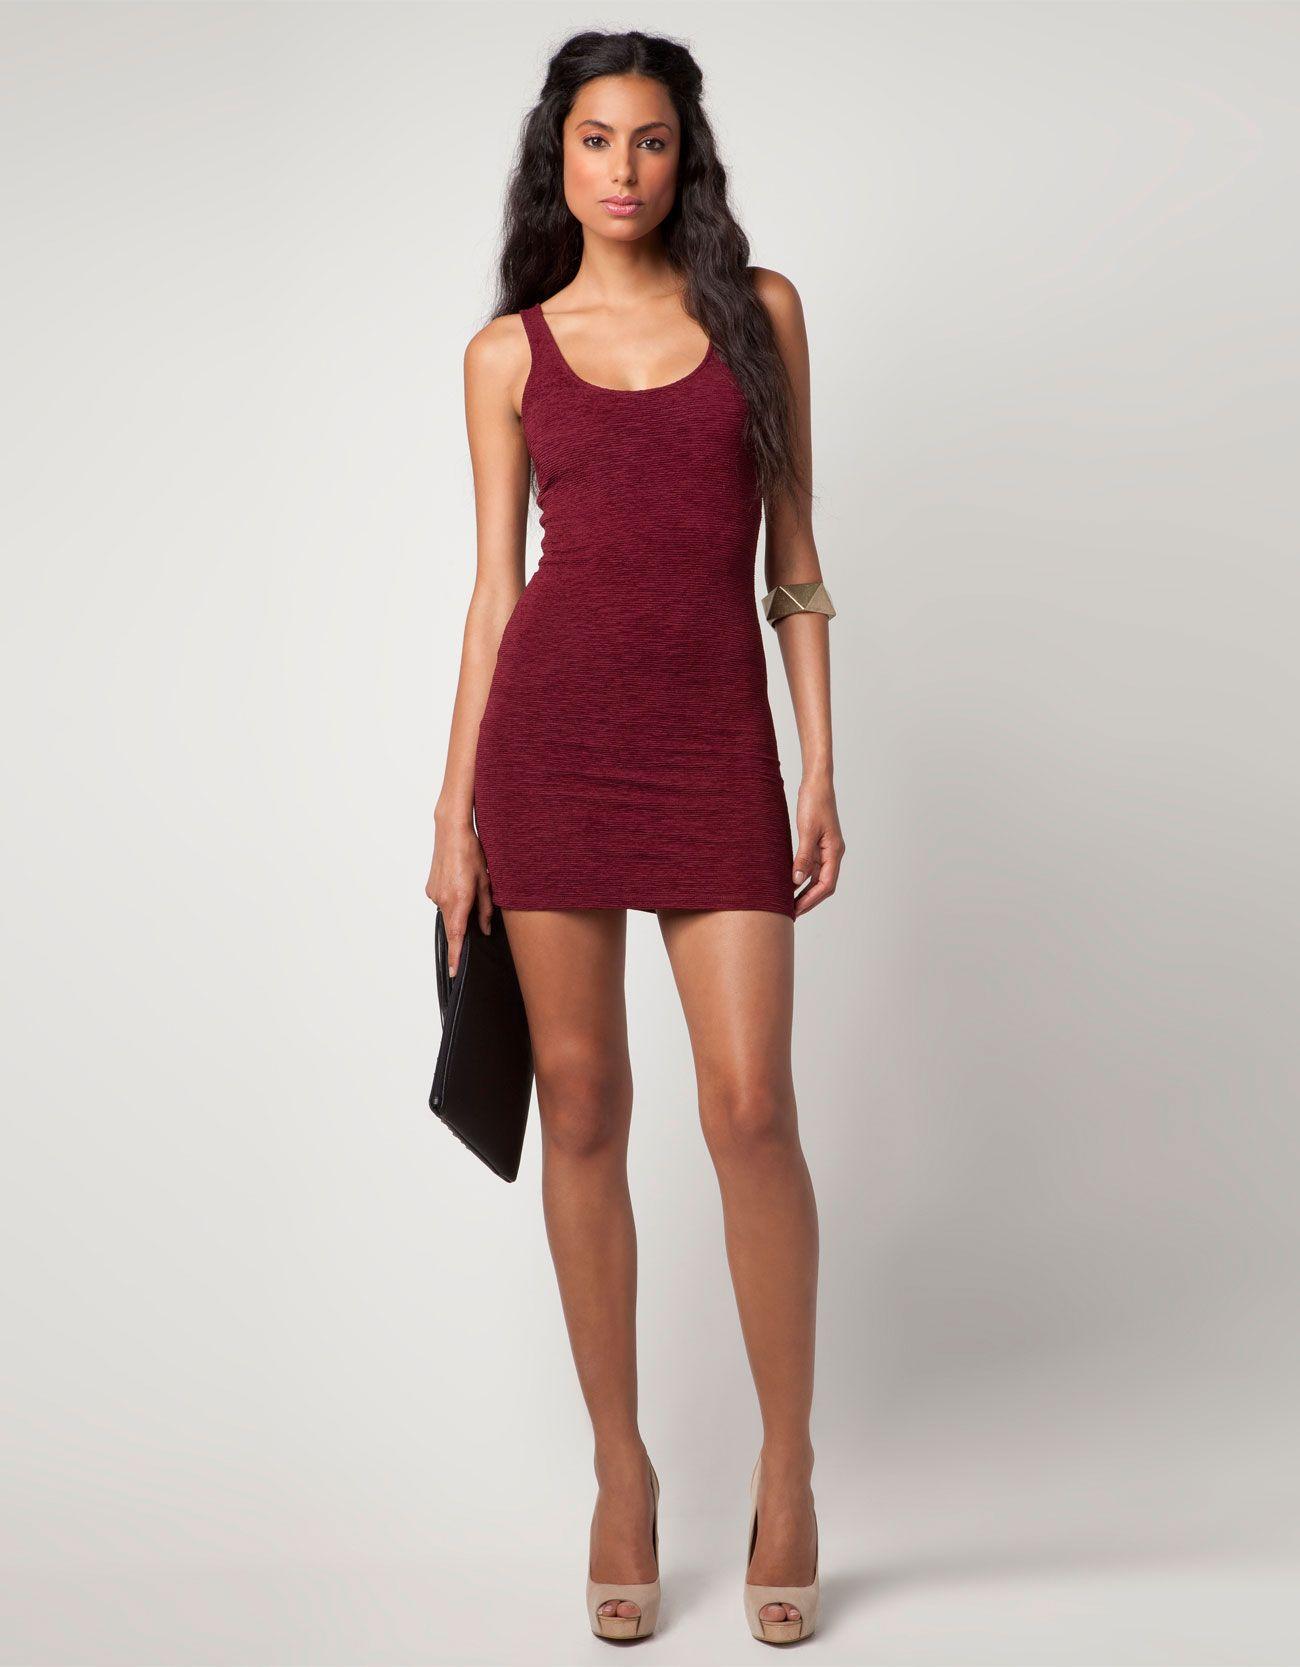 3b208af35 Bershka México - Vestido Bershka elástico   S T Y L E D   Dresses ...